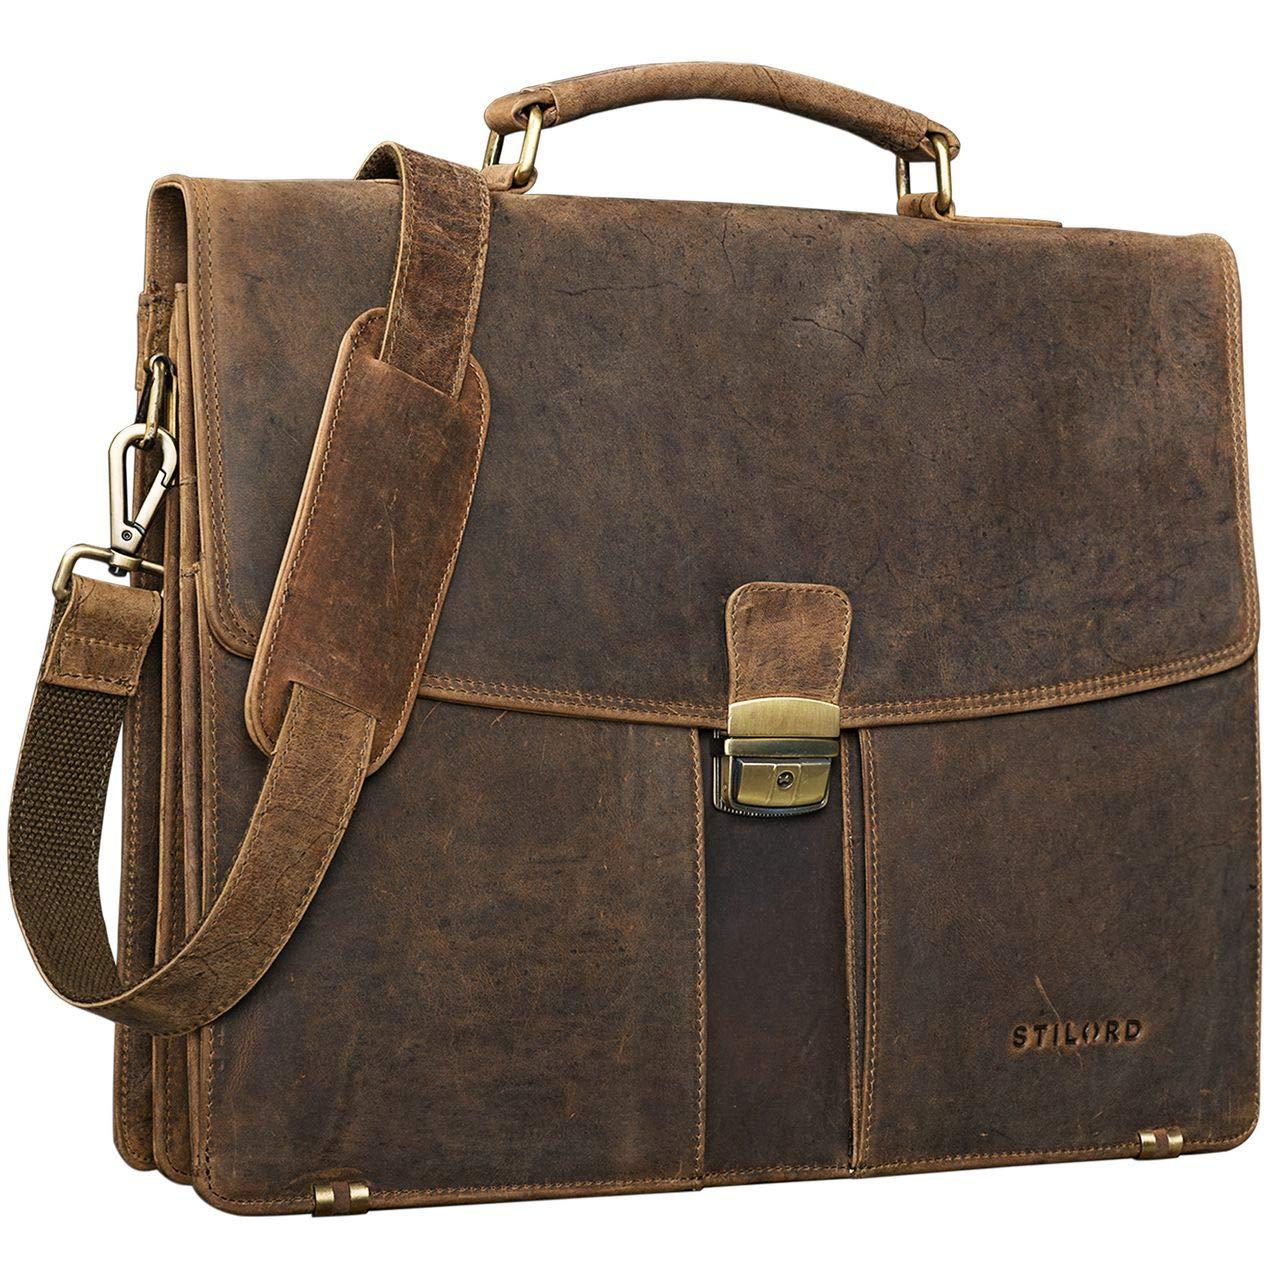 STILORD 'Julian' Aktentasche Leder Elegant Klassische Businesstasche mit Schloss groß aufsteckbar Bürotasche echtes Leder vom Rind, Farbe:mittel - braun 541 Aktentasche Leder